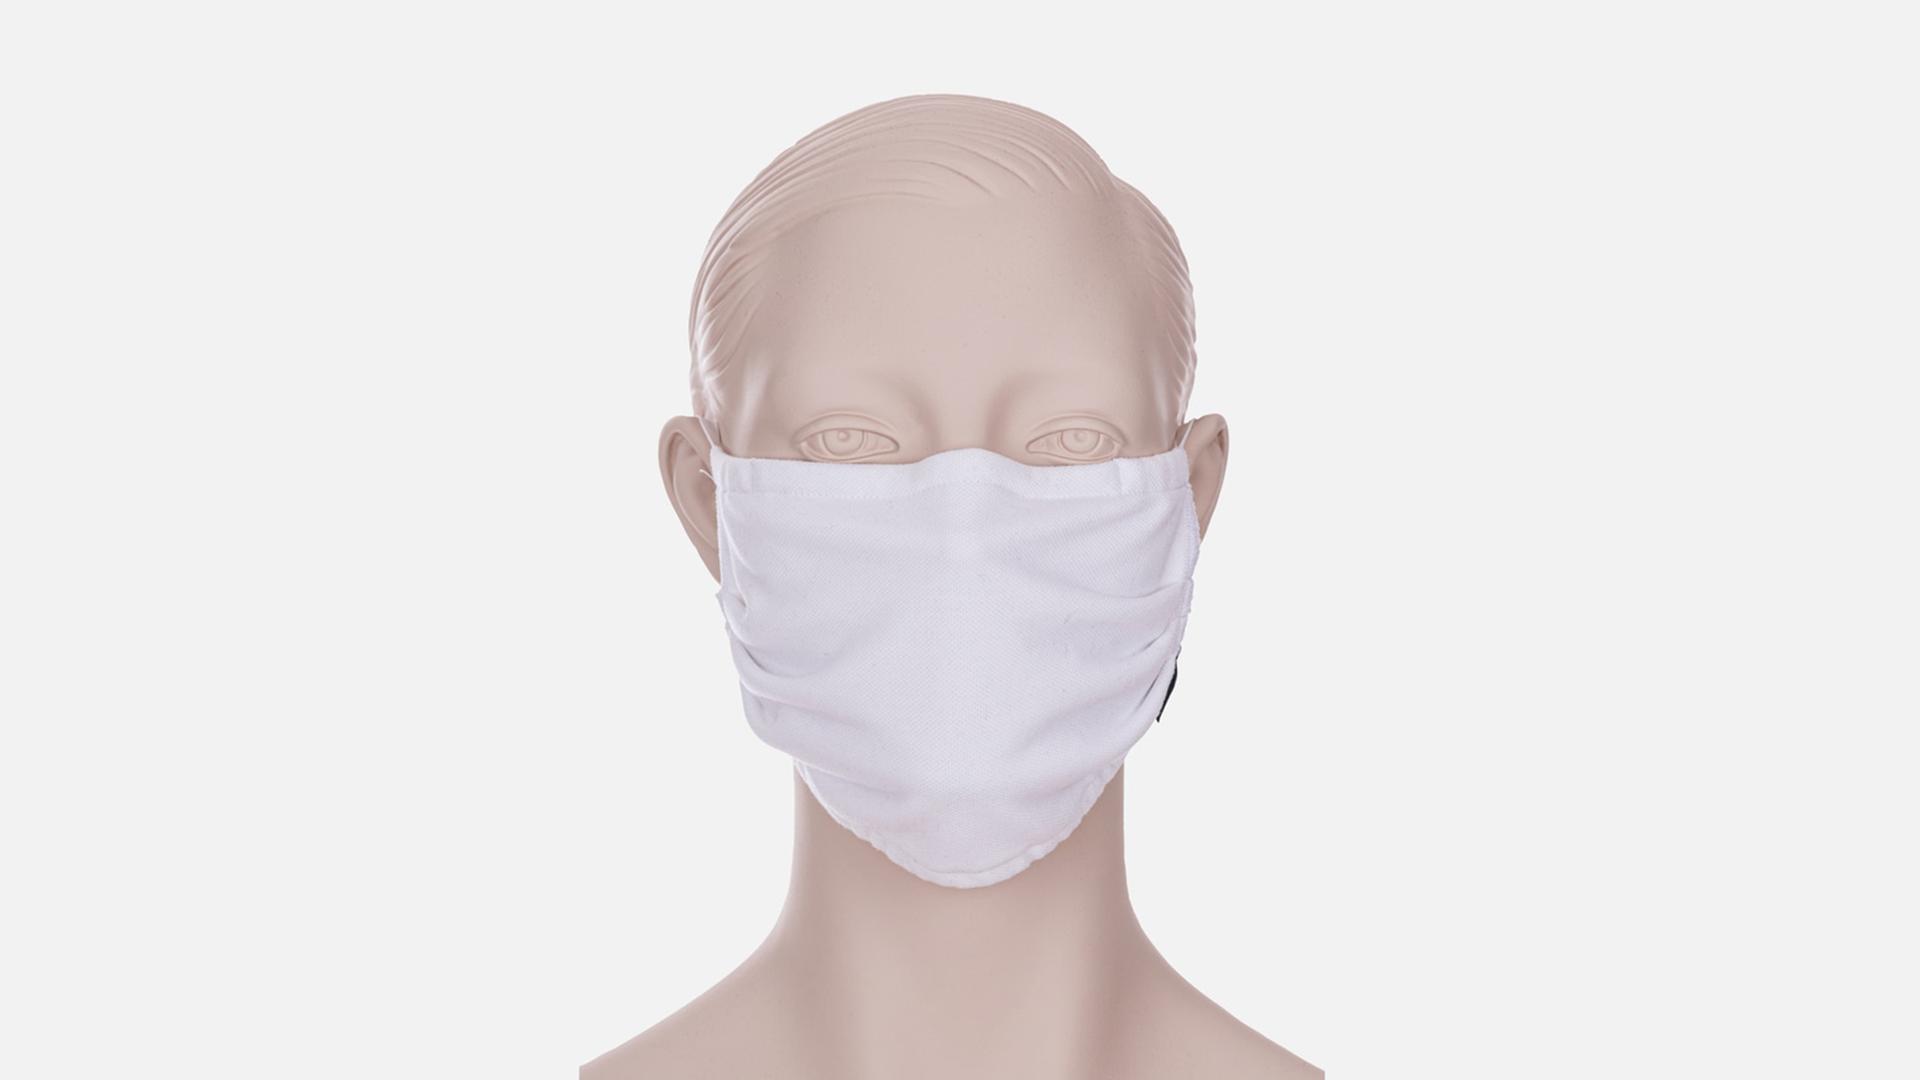 Zubehör: Trigema Wiederverwendbare Behelfs-, Mund- und Nasenmaske mit Gummi, weiss